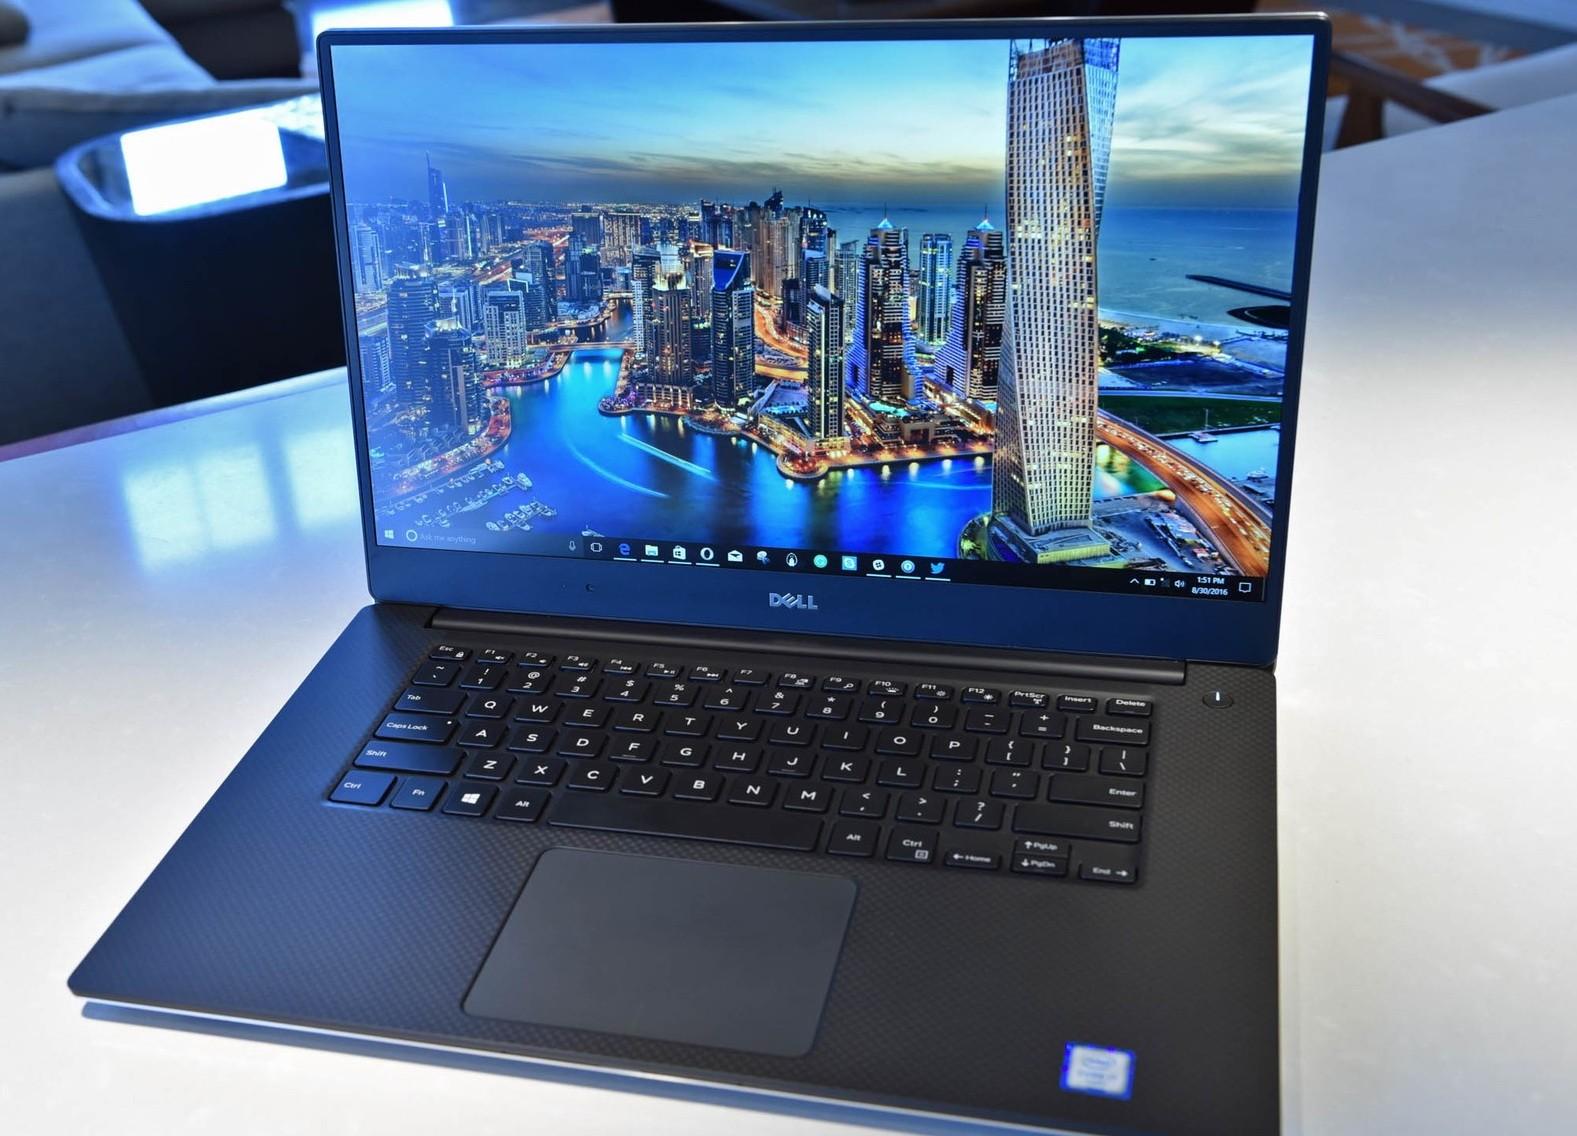 Best Laptop for Running Kali Linux